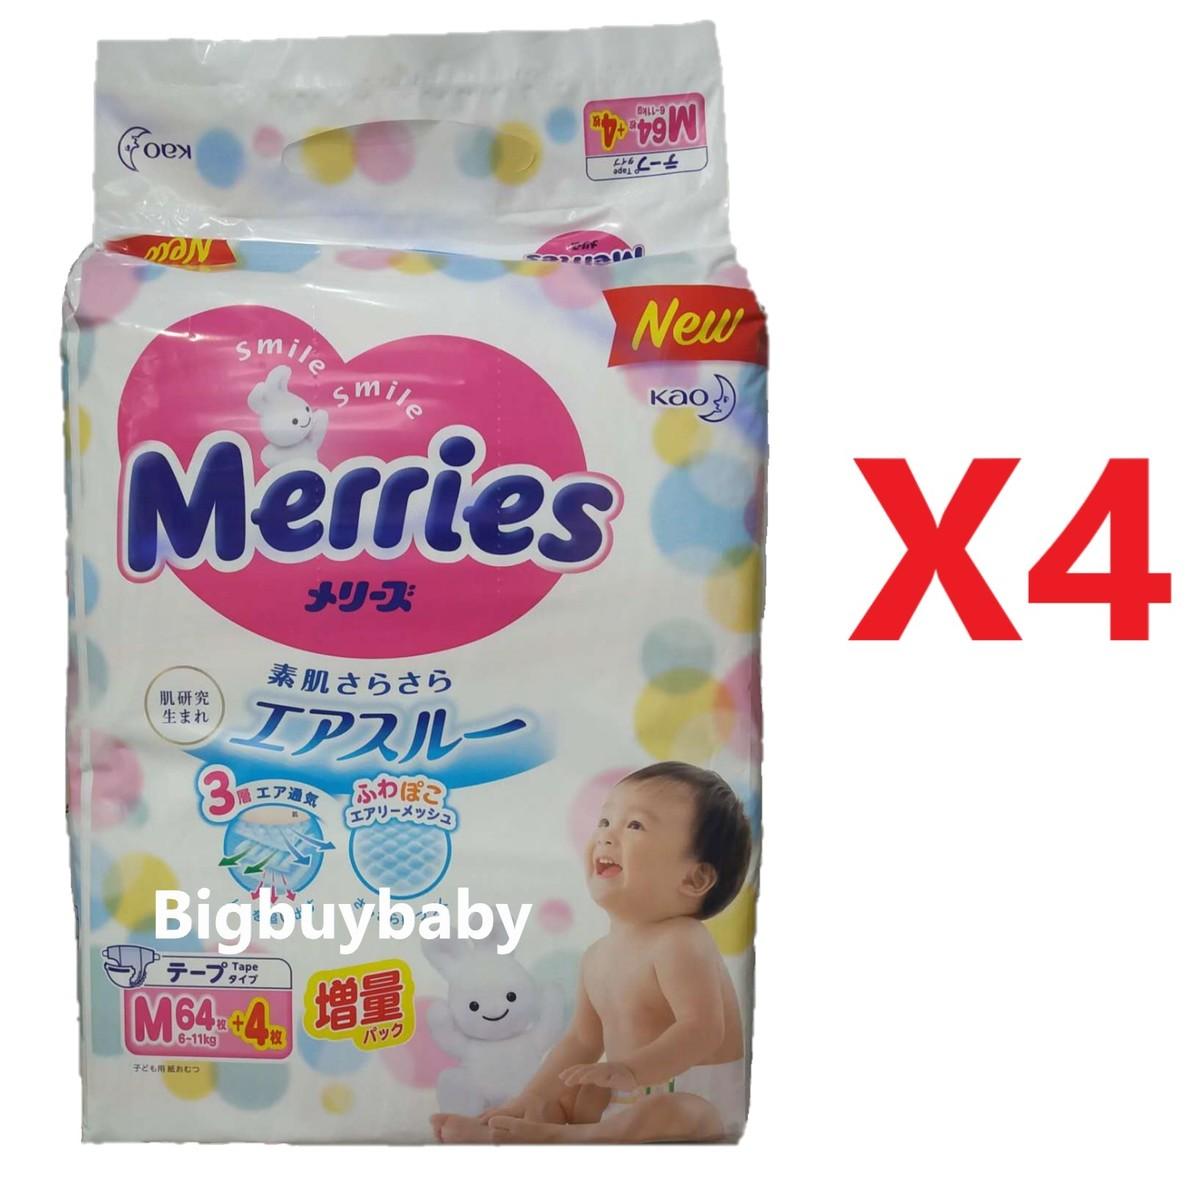 Merries | [FULL CASE]Diapers M68 x4packs | HKTVmall Online